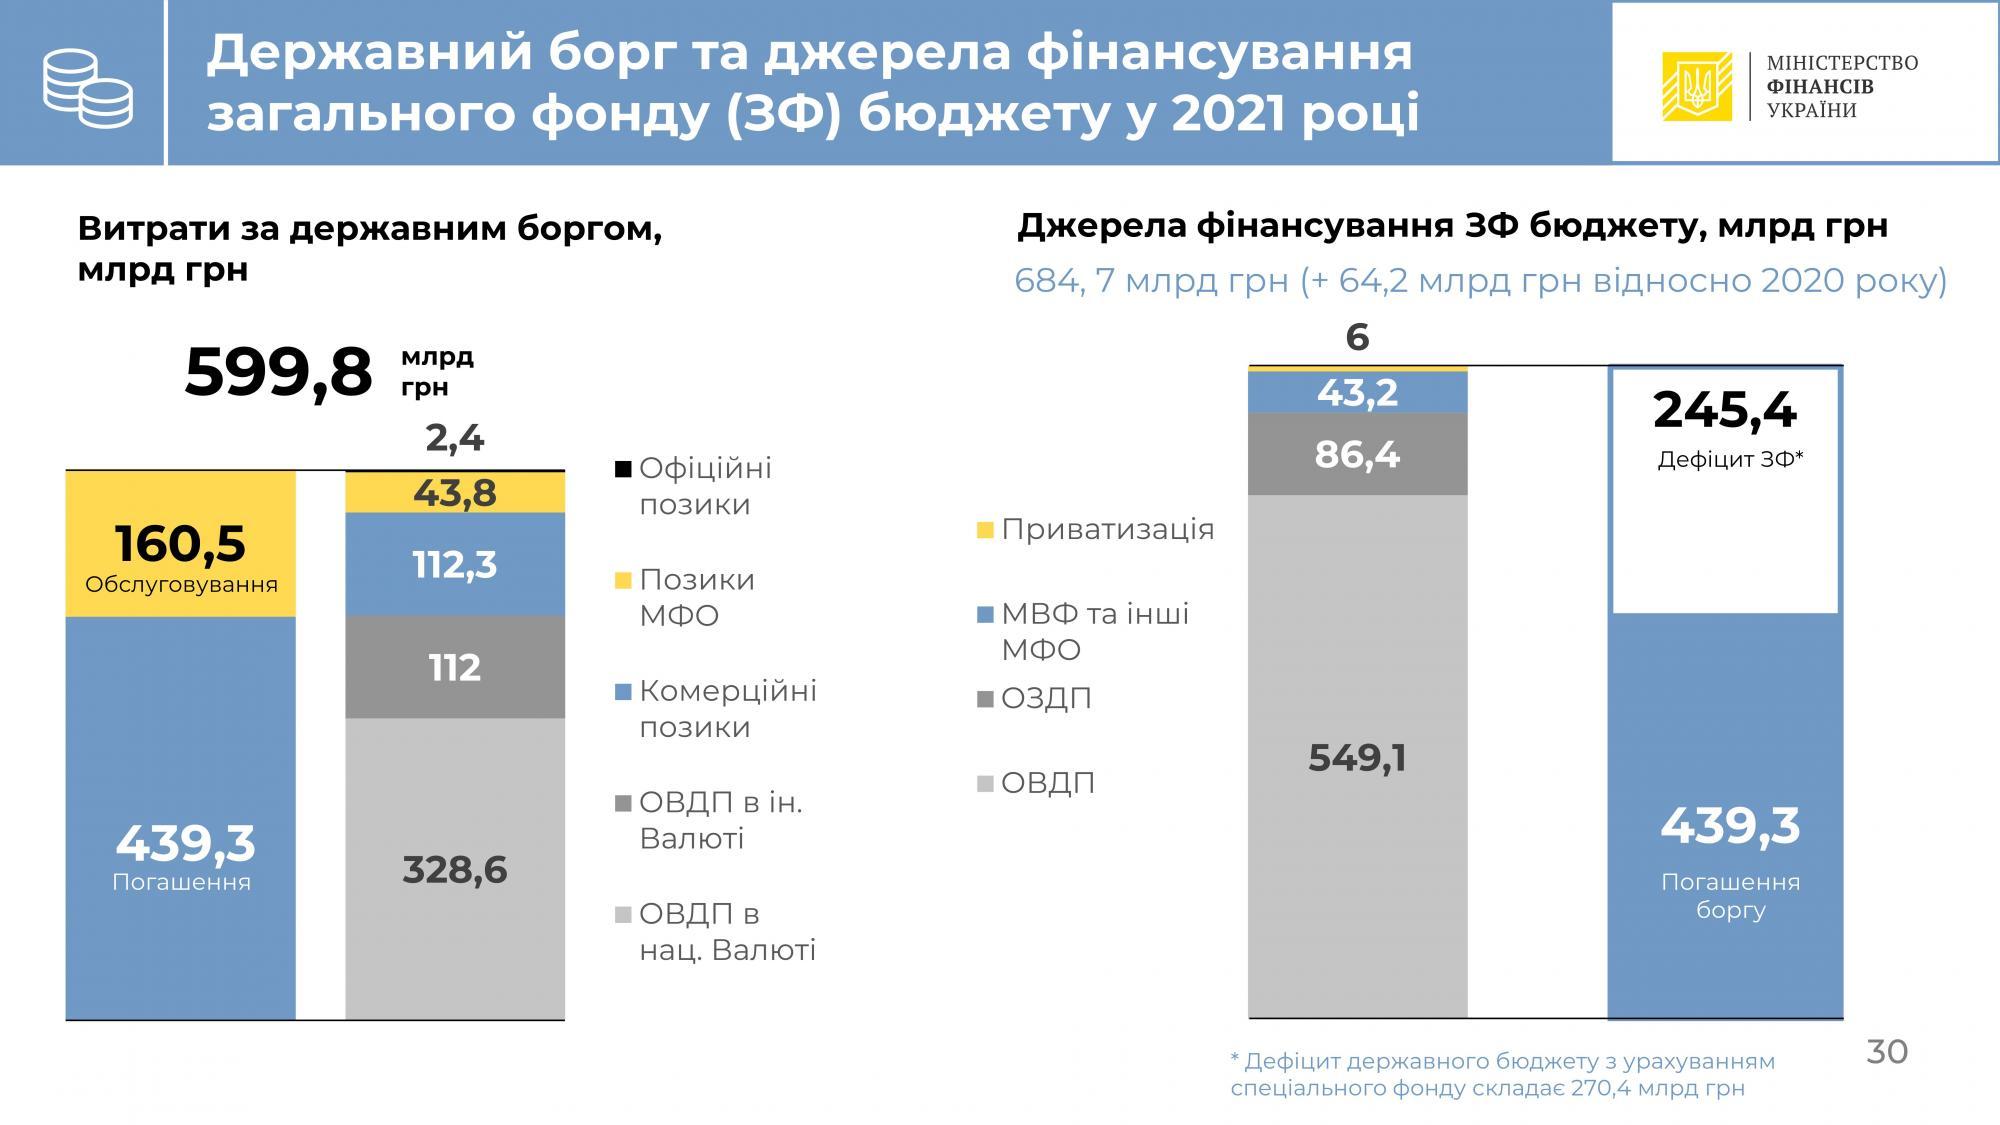 Мінфін оголосив план залучення кредитів МВФ у 2021 році